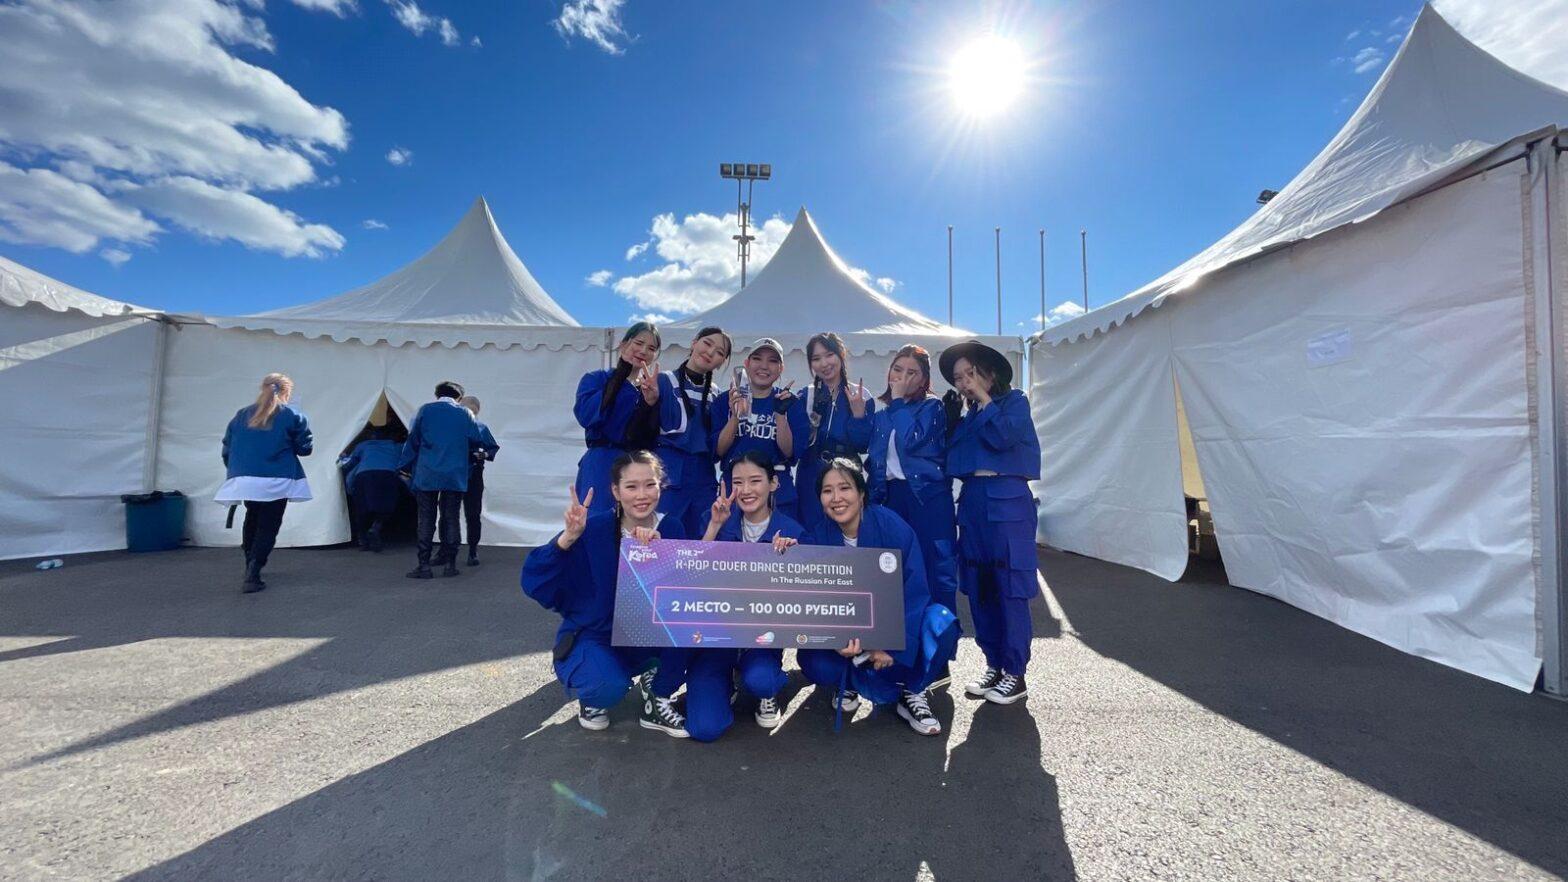 Якутская команда танцоров заняла второе место в конкурсе K-pop каверов во Владивостоке